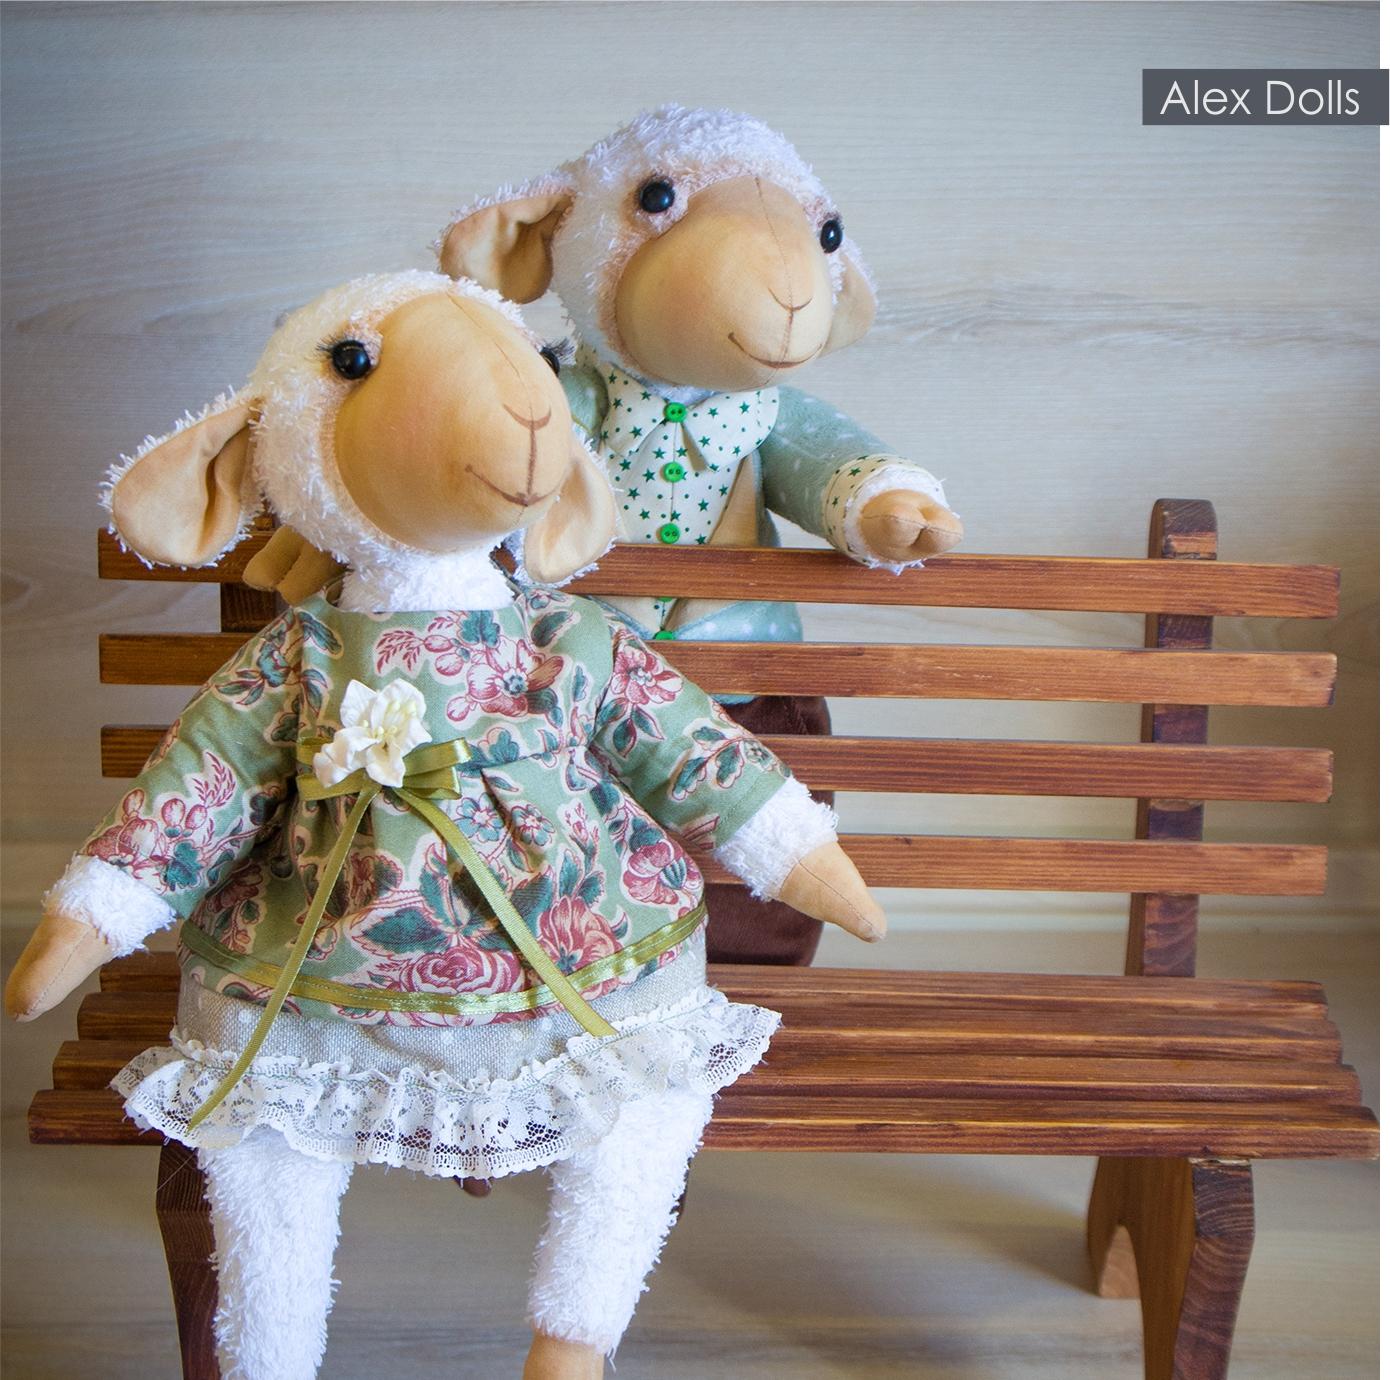 овечка, текстильная овечка, ручная работа, барашек, овен, год козы, коза